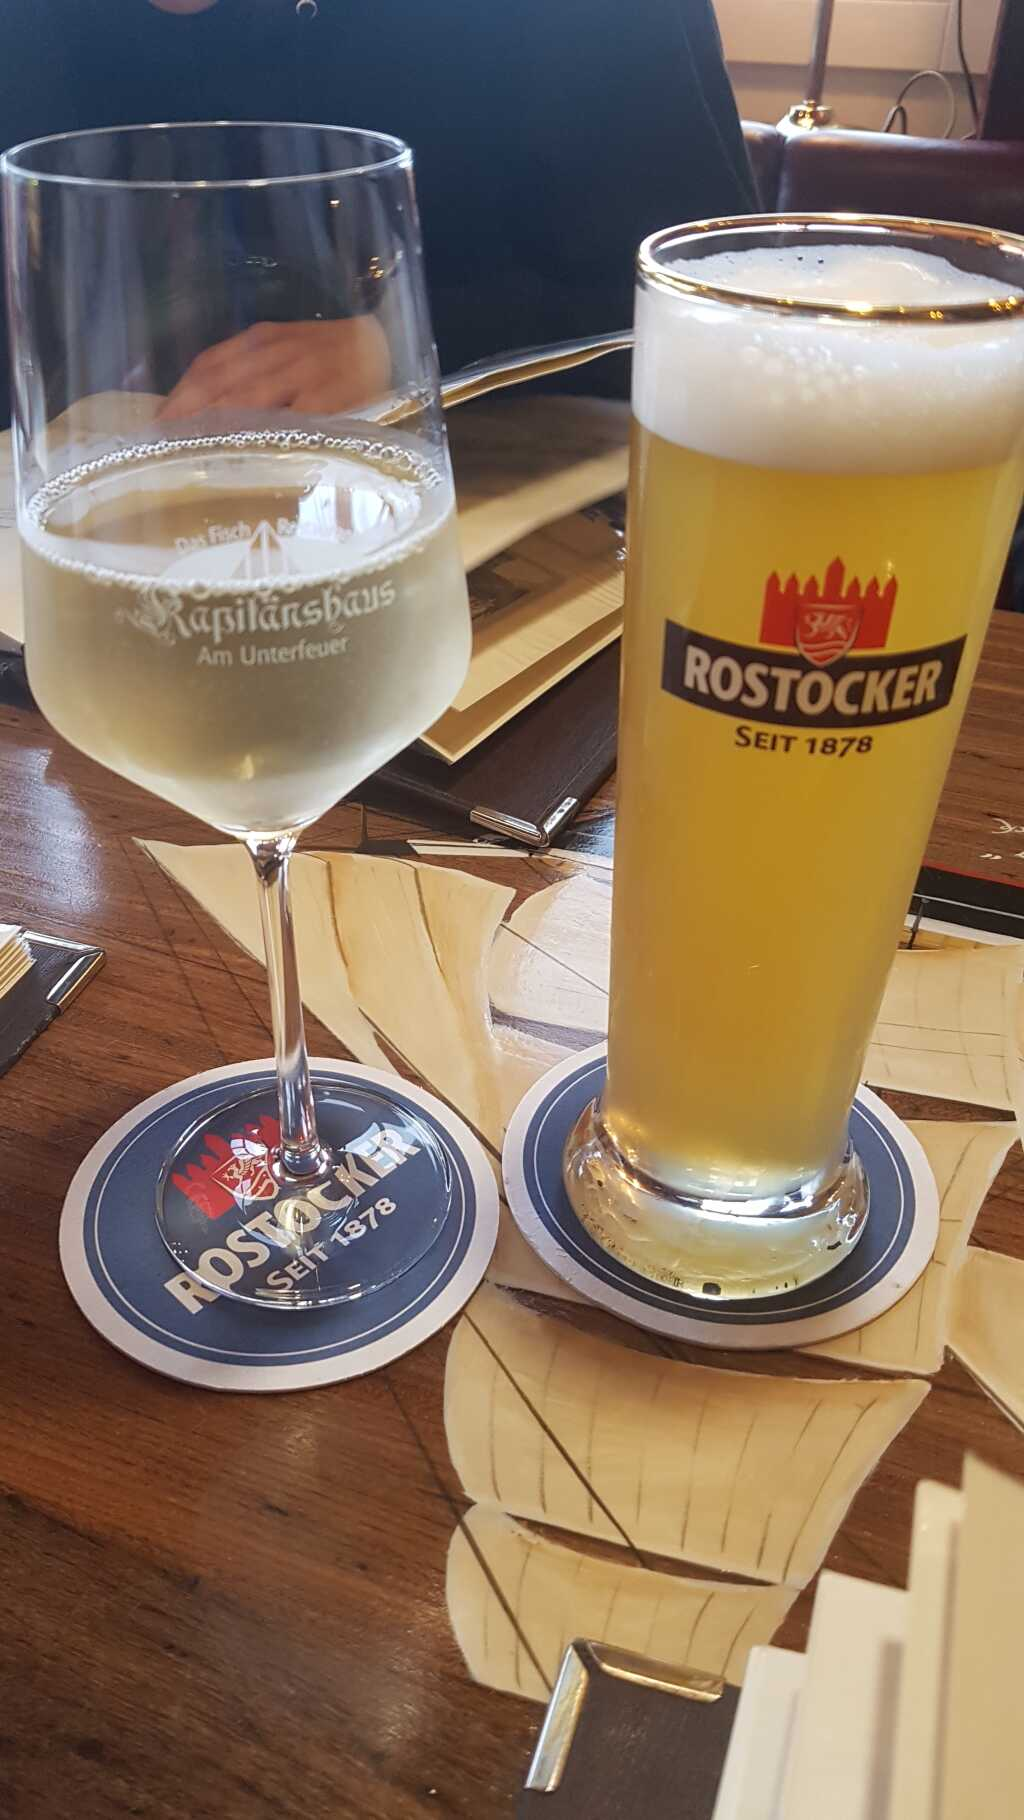 """0,4ér """"Rostocker Zwickel"""" für 4,50 €, ein Schoppen """"11°-Fischwein"""" des Weingutes Pfaffmann aus Walsheim für 6,50 €"""